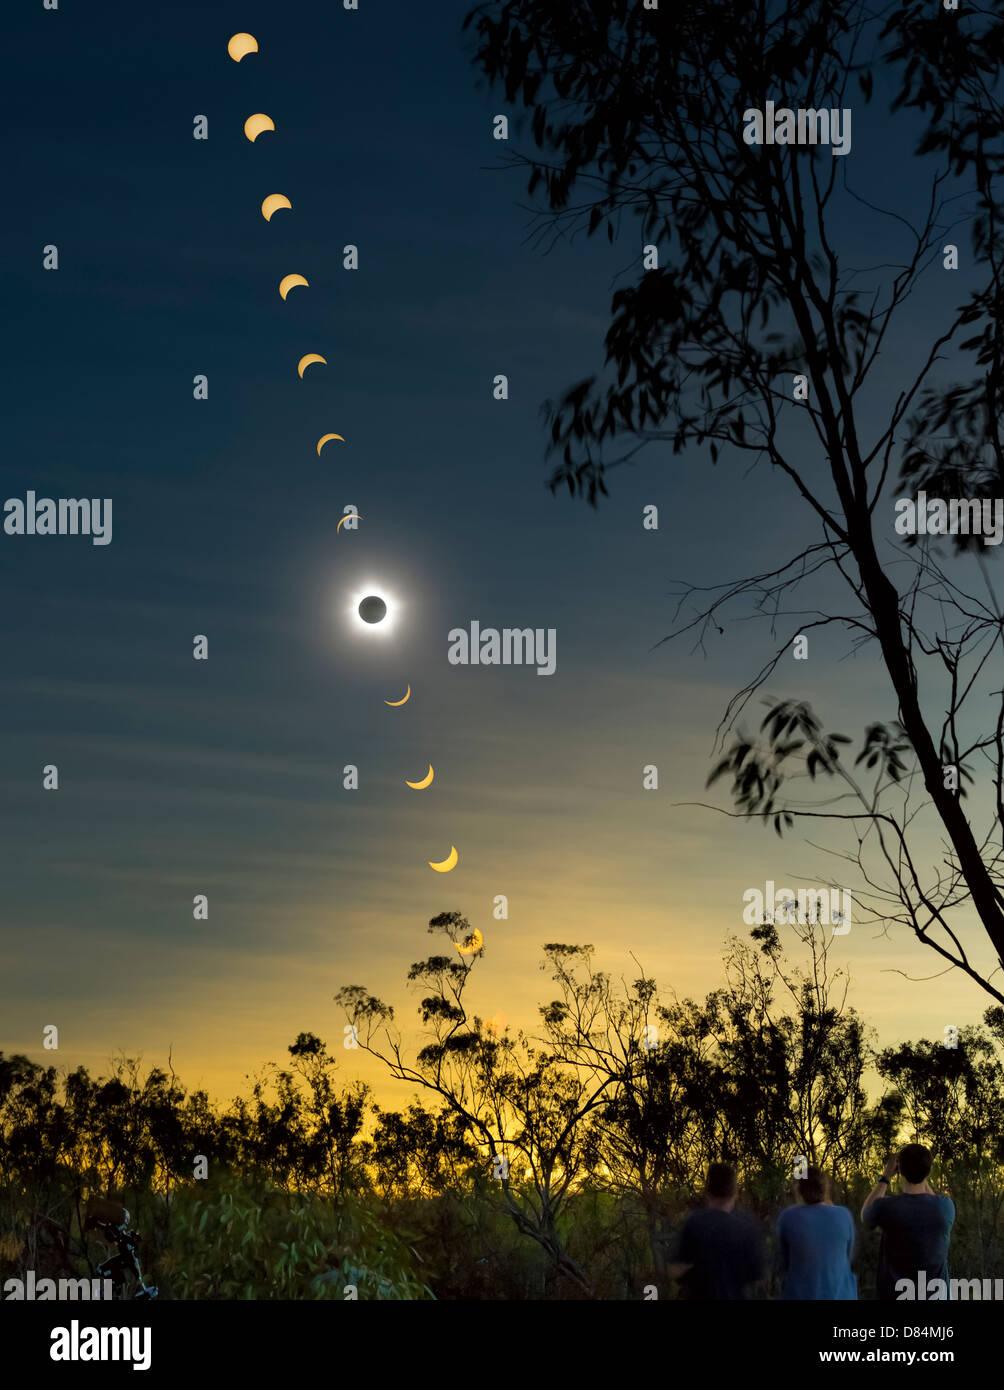 Sonnenfinsternis-Verbund mit Beobachtern, Mulligan Highway, Queensland, Australien. Stockbild